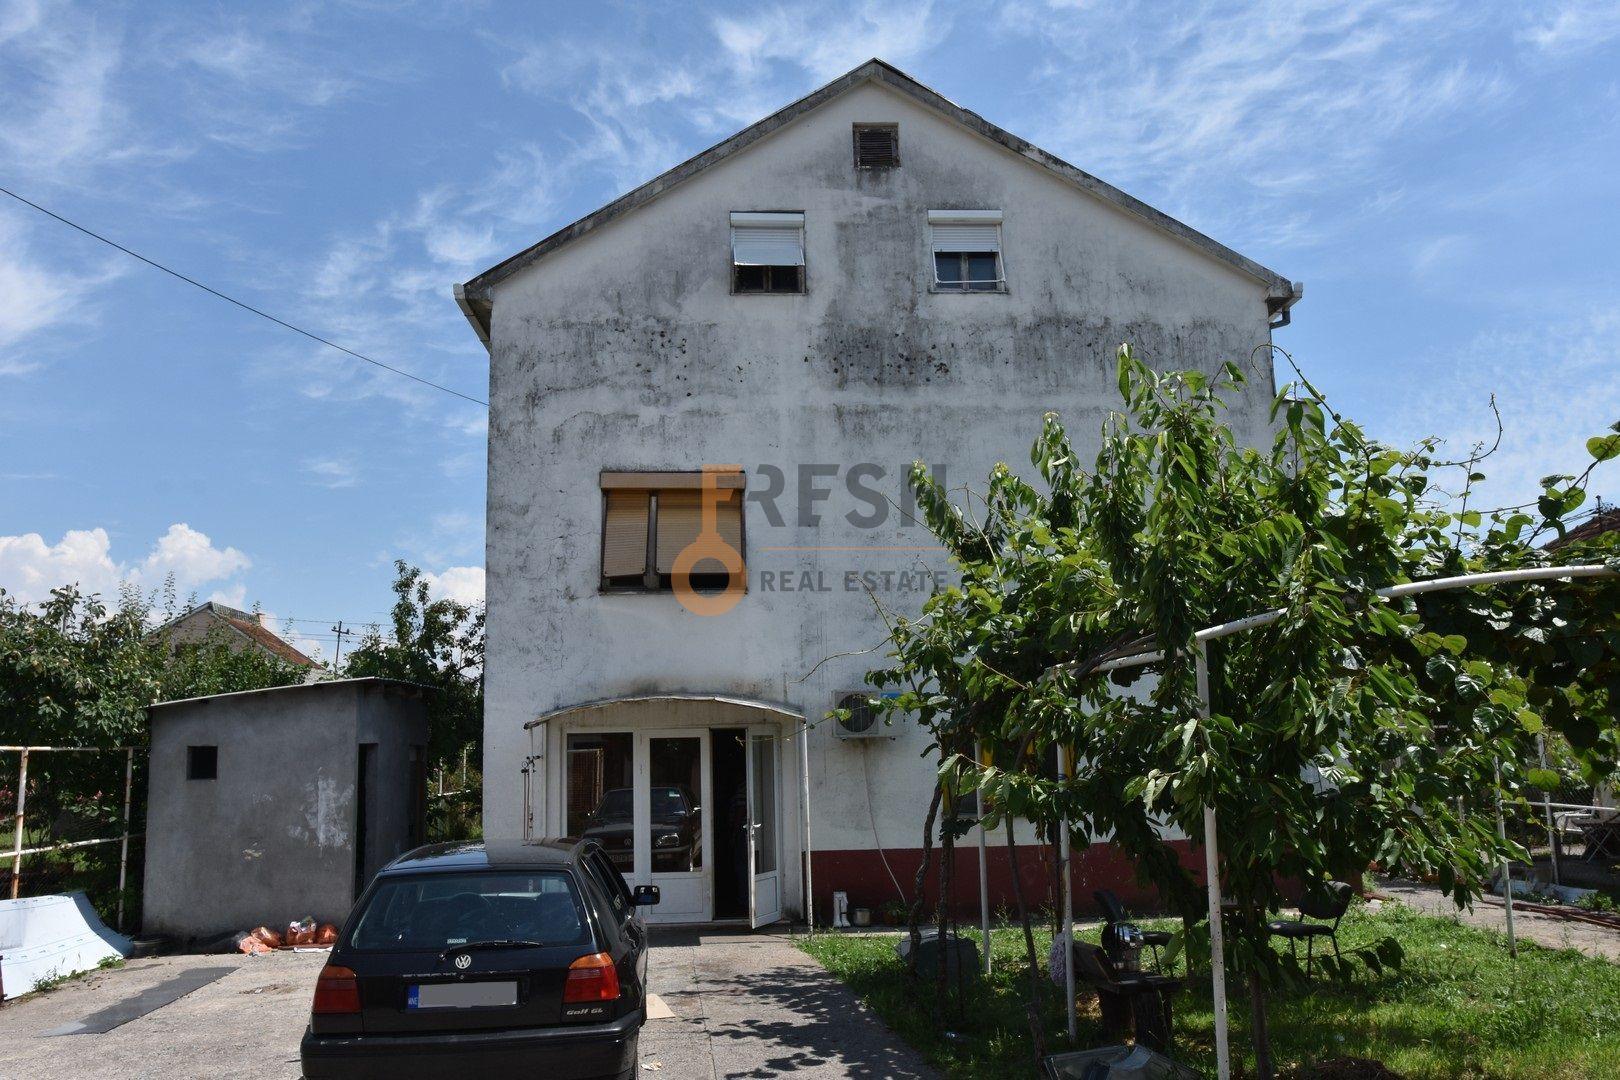 Kuća, prodaja, 150m2, plac 600m2, Dalmatinska ulica, Prodaja - 1